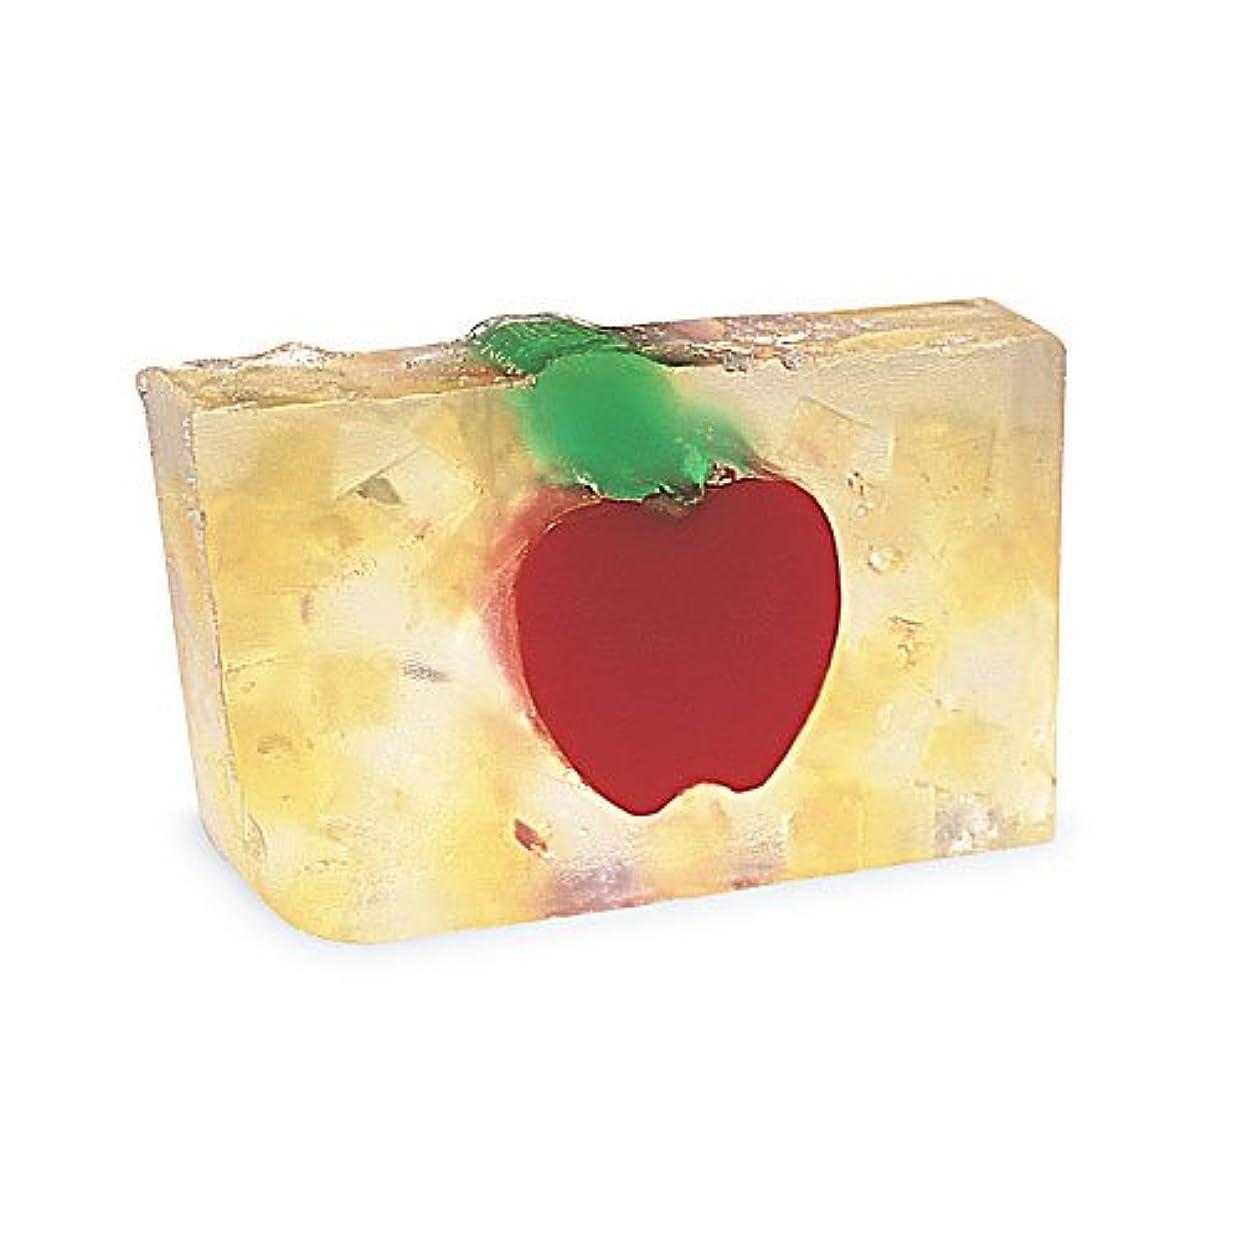 広々非難するマインドプライモールエレメンツ アロマティック ソープ ビッグアップル 180g 植物性 ナチュラル 石鹸 無添加